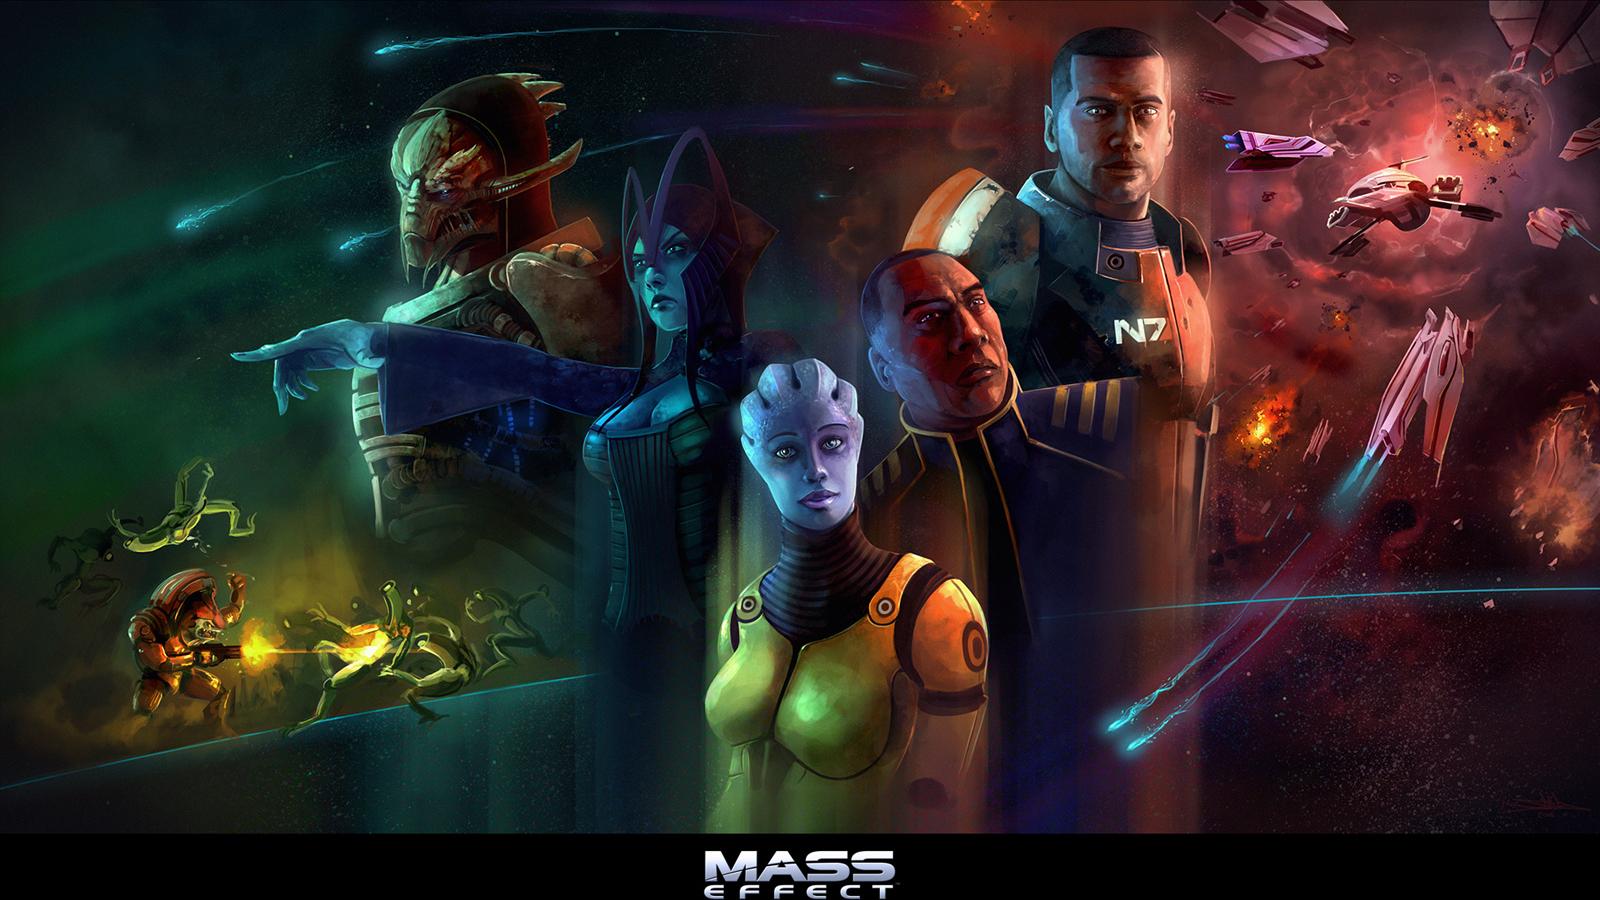 Art - Mass Effect Арт